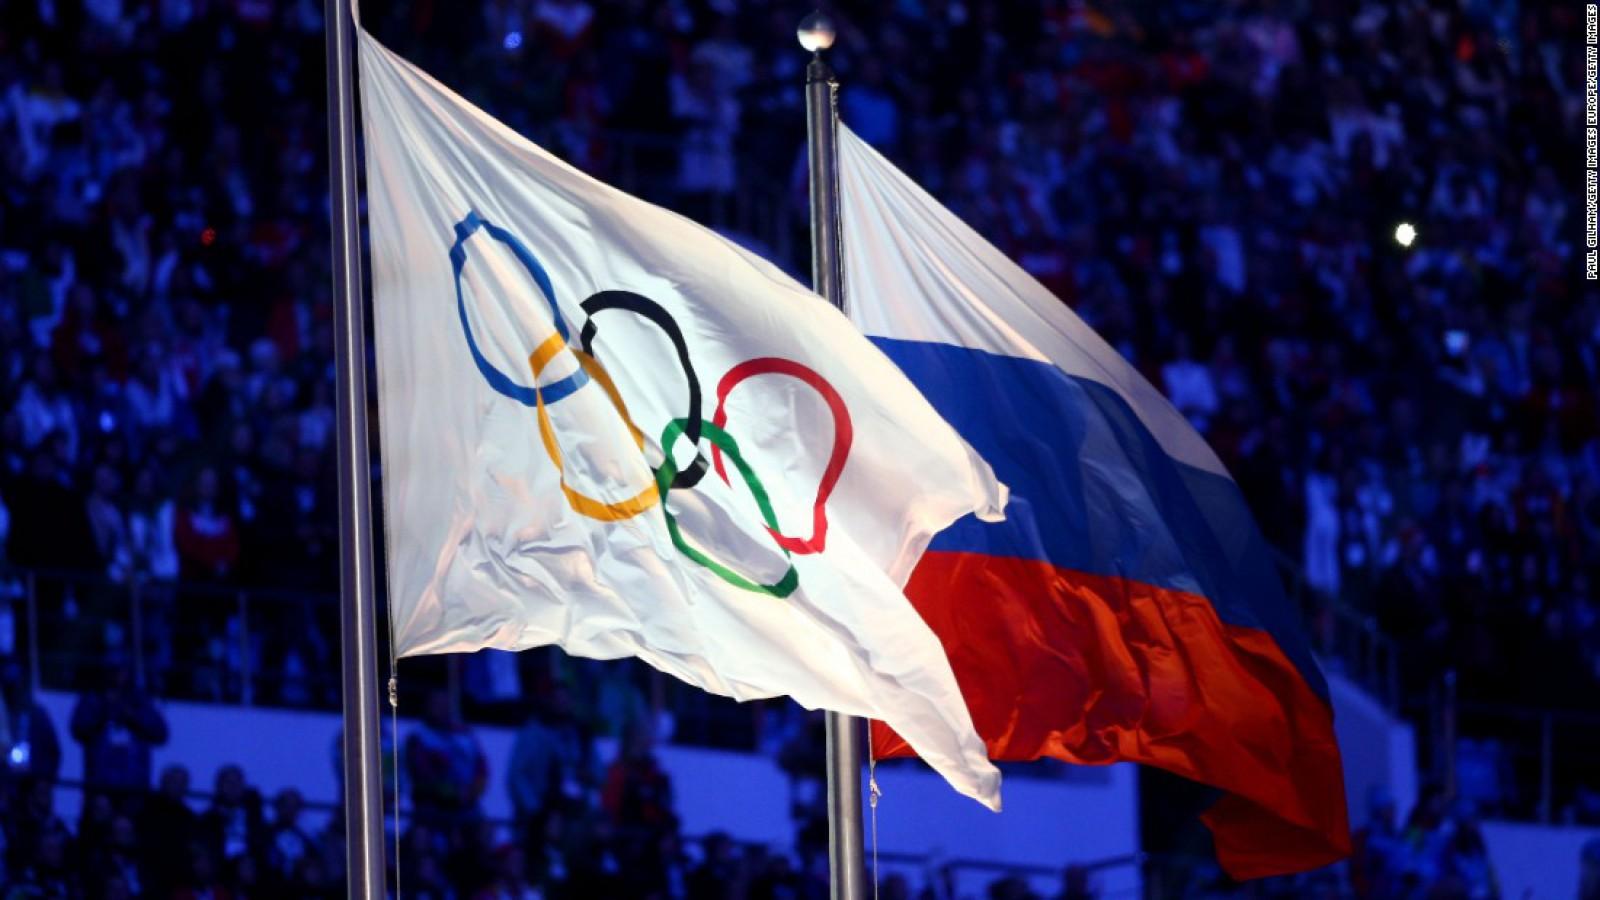 Comitetul Olimpic Internațional: Rusia, înlăturată de la Jocurile Olimpice de iarnă din 2018